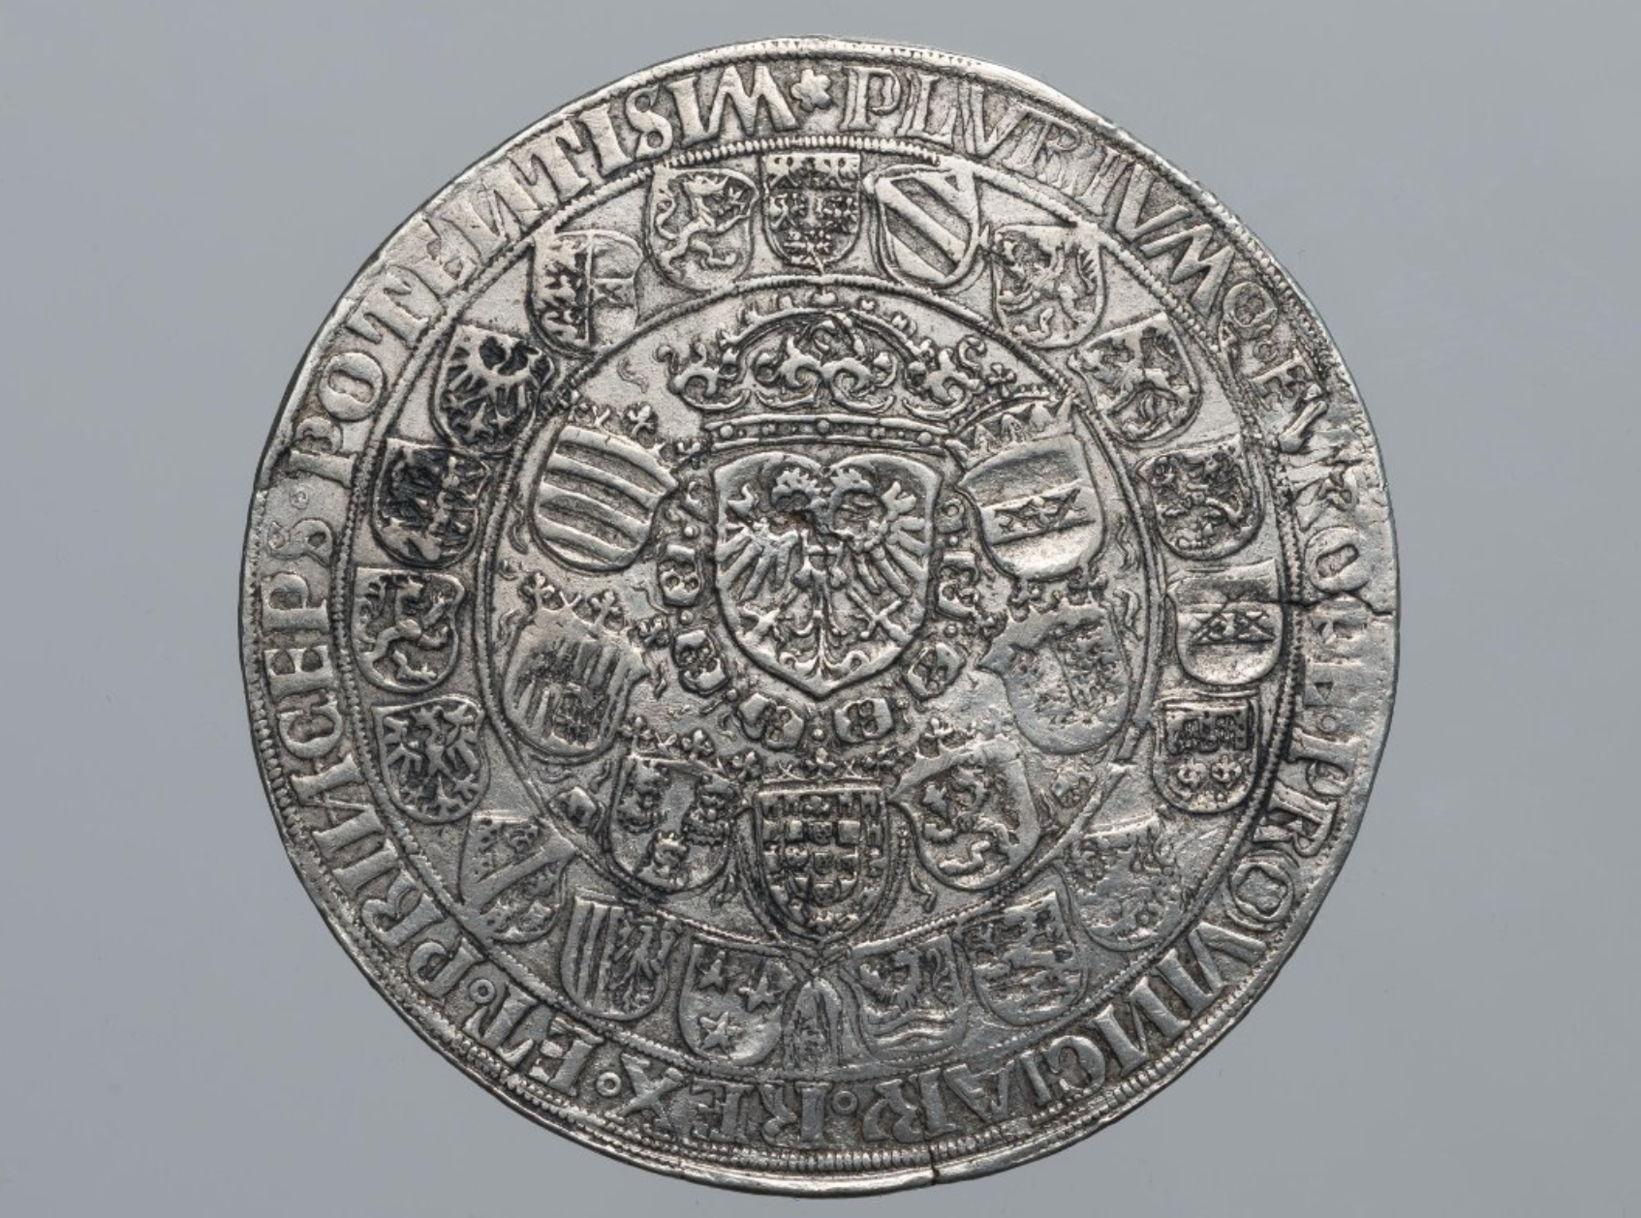 Священная Римская империя. МаксимилианI (1477–1519, император с 1508). Двукратный шаугульдинер 1509г. Серебро, чеканка